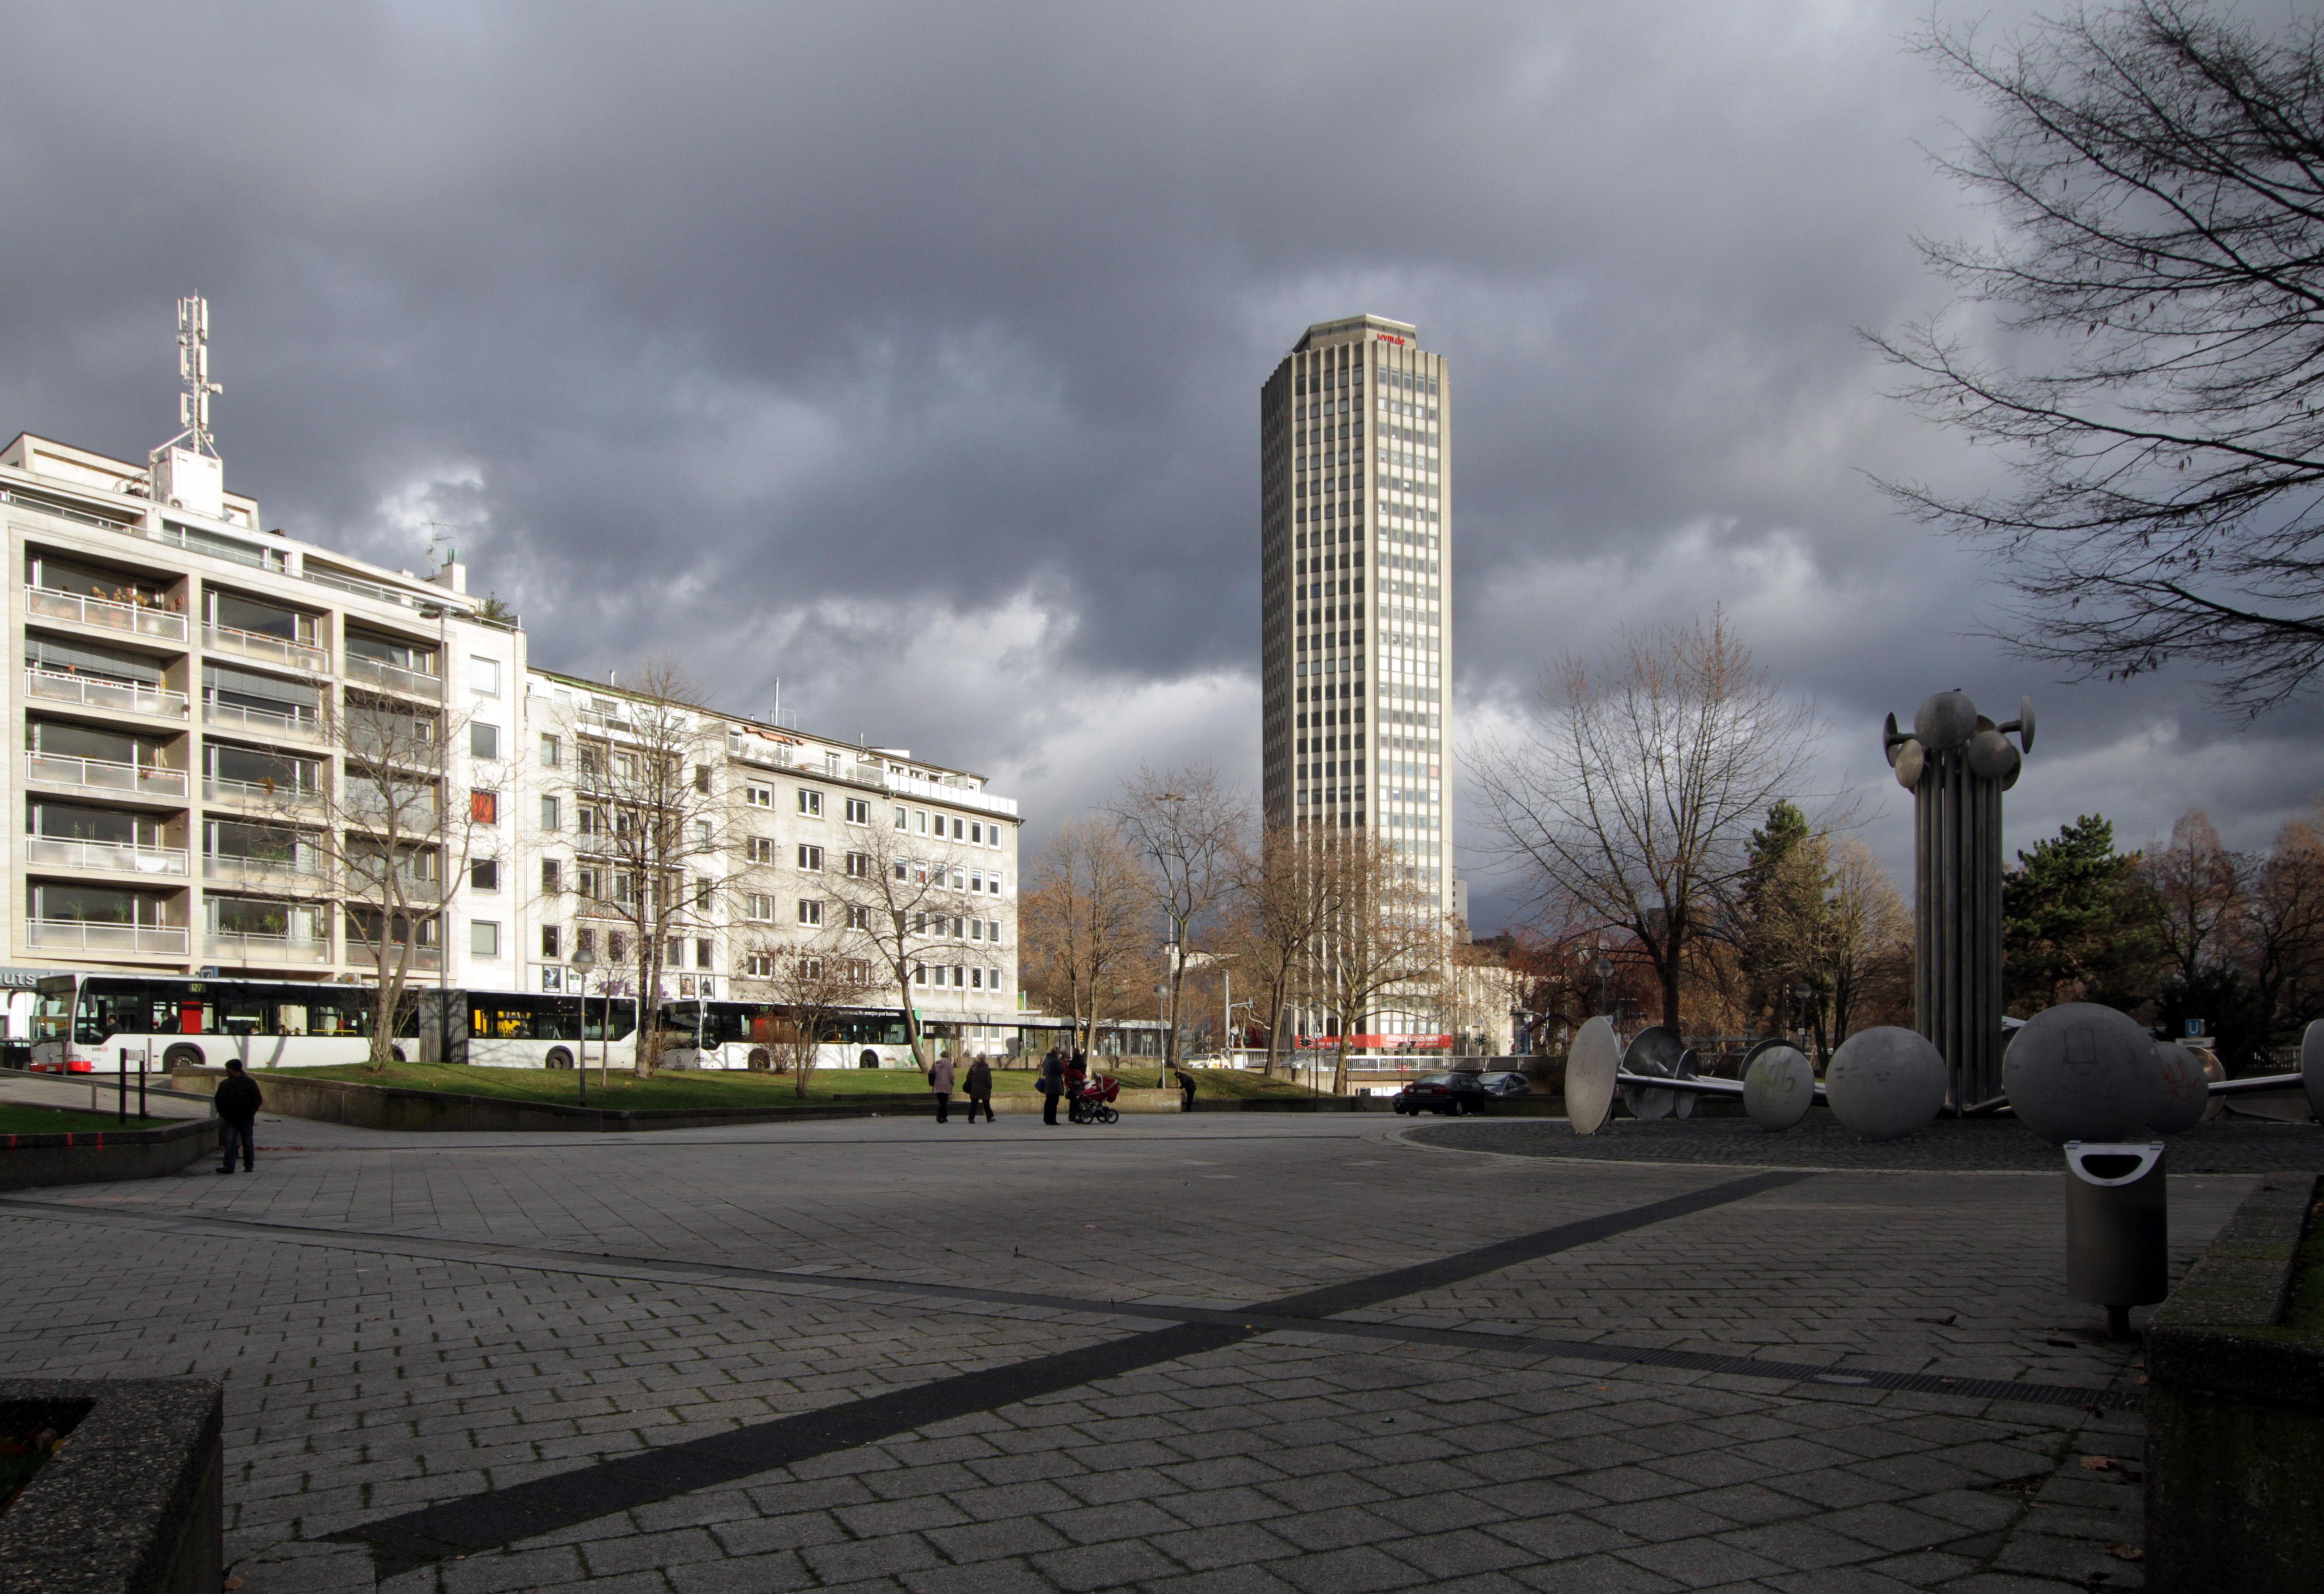 gratis fickdates Wiesbaden